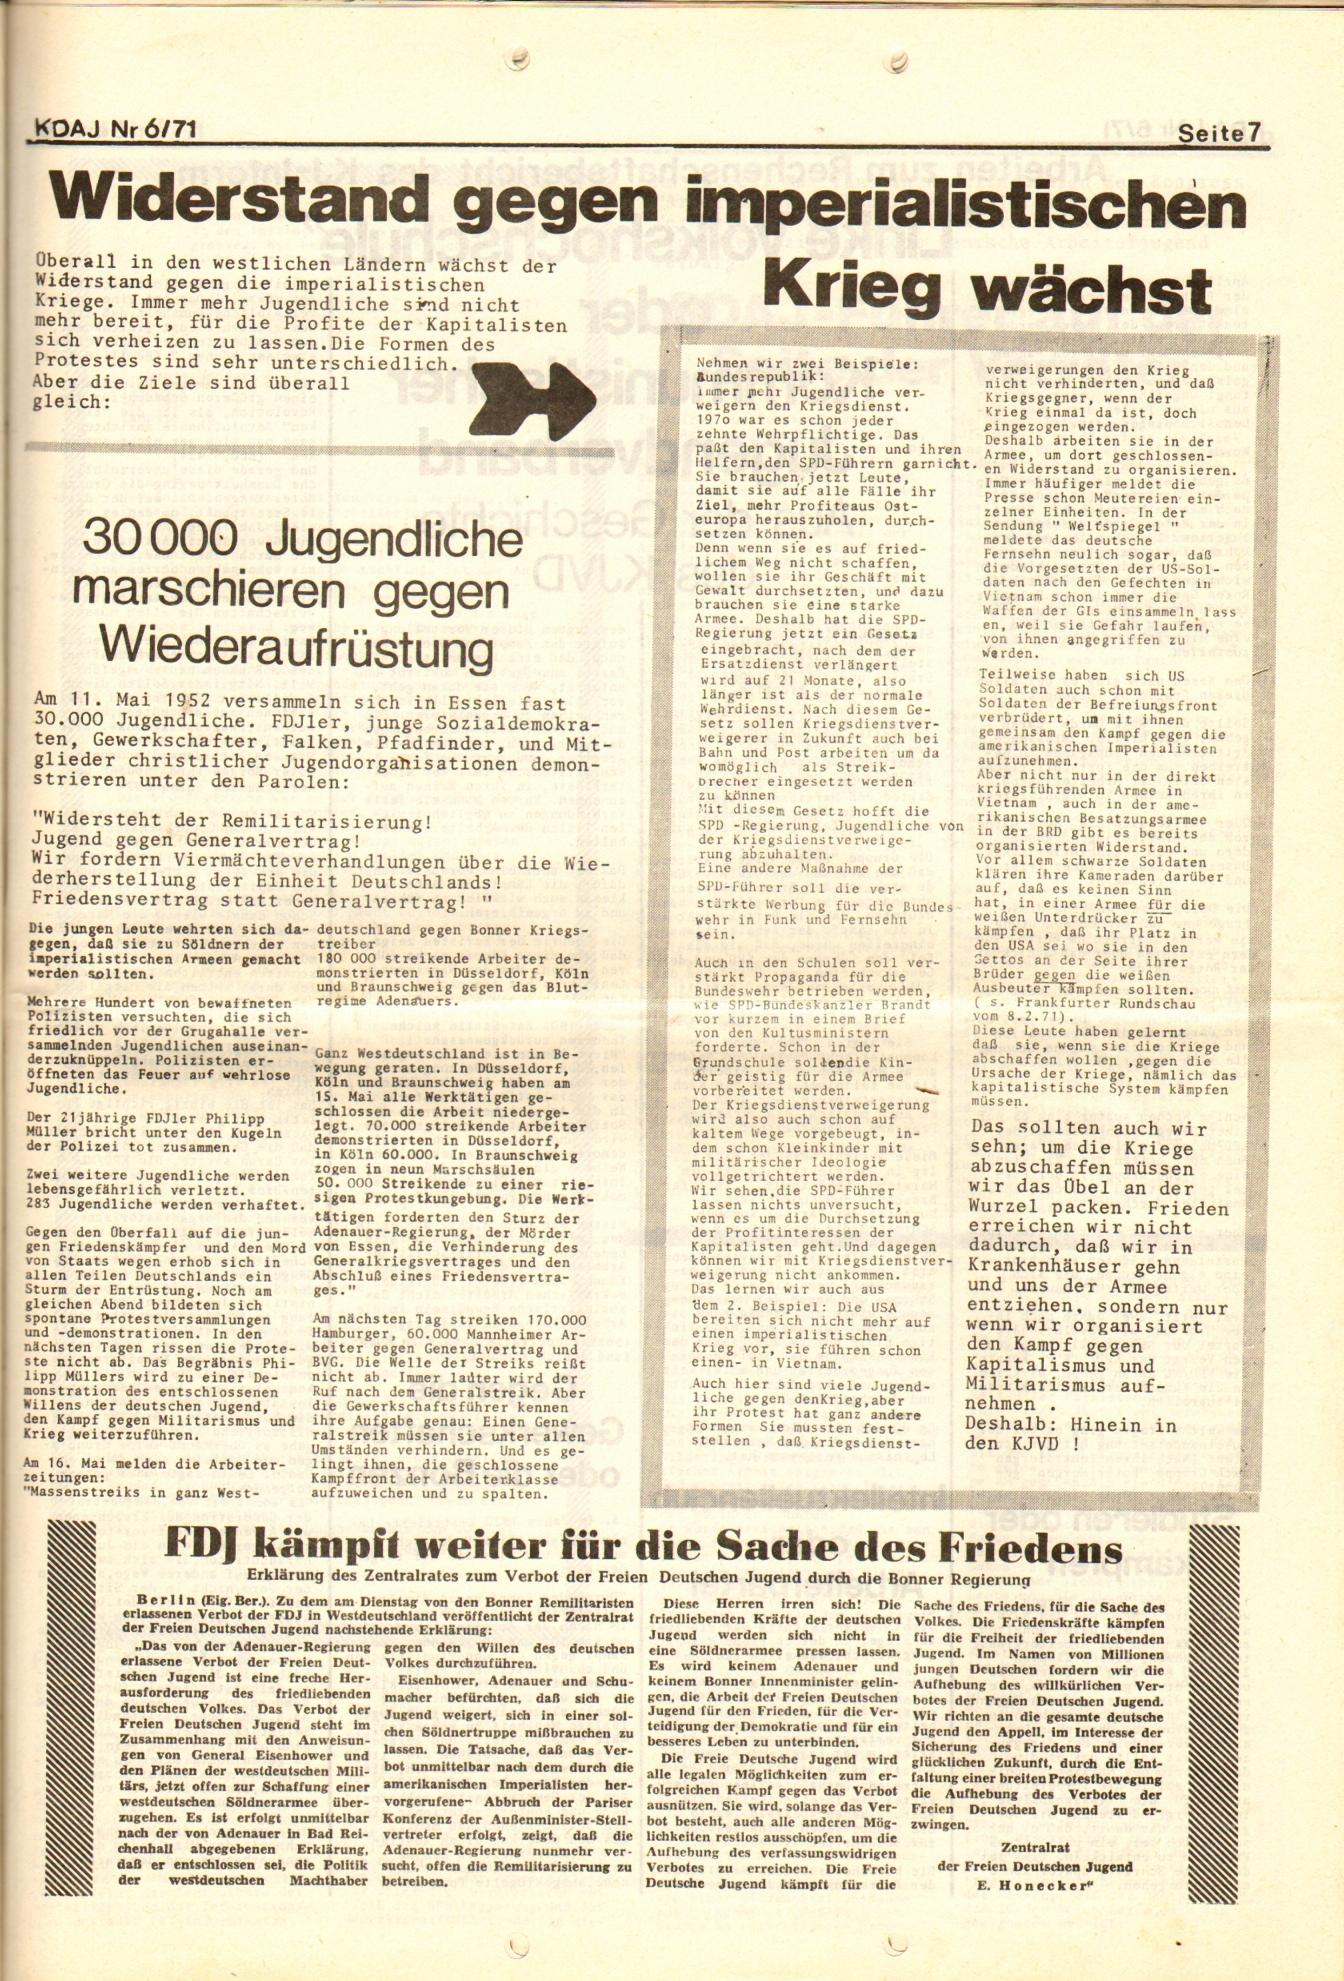 KDAJ, 2. Jg., Juni 1971, Nr. 6, Seite 7